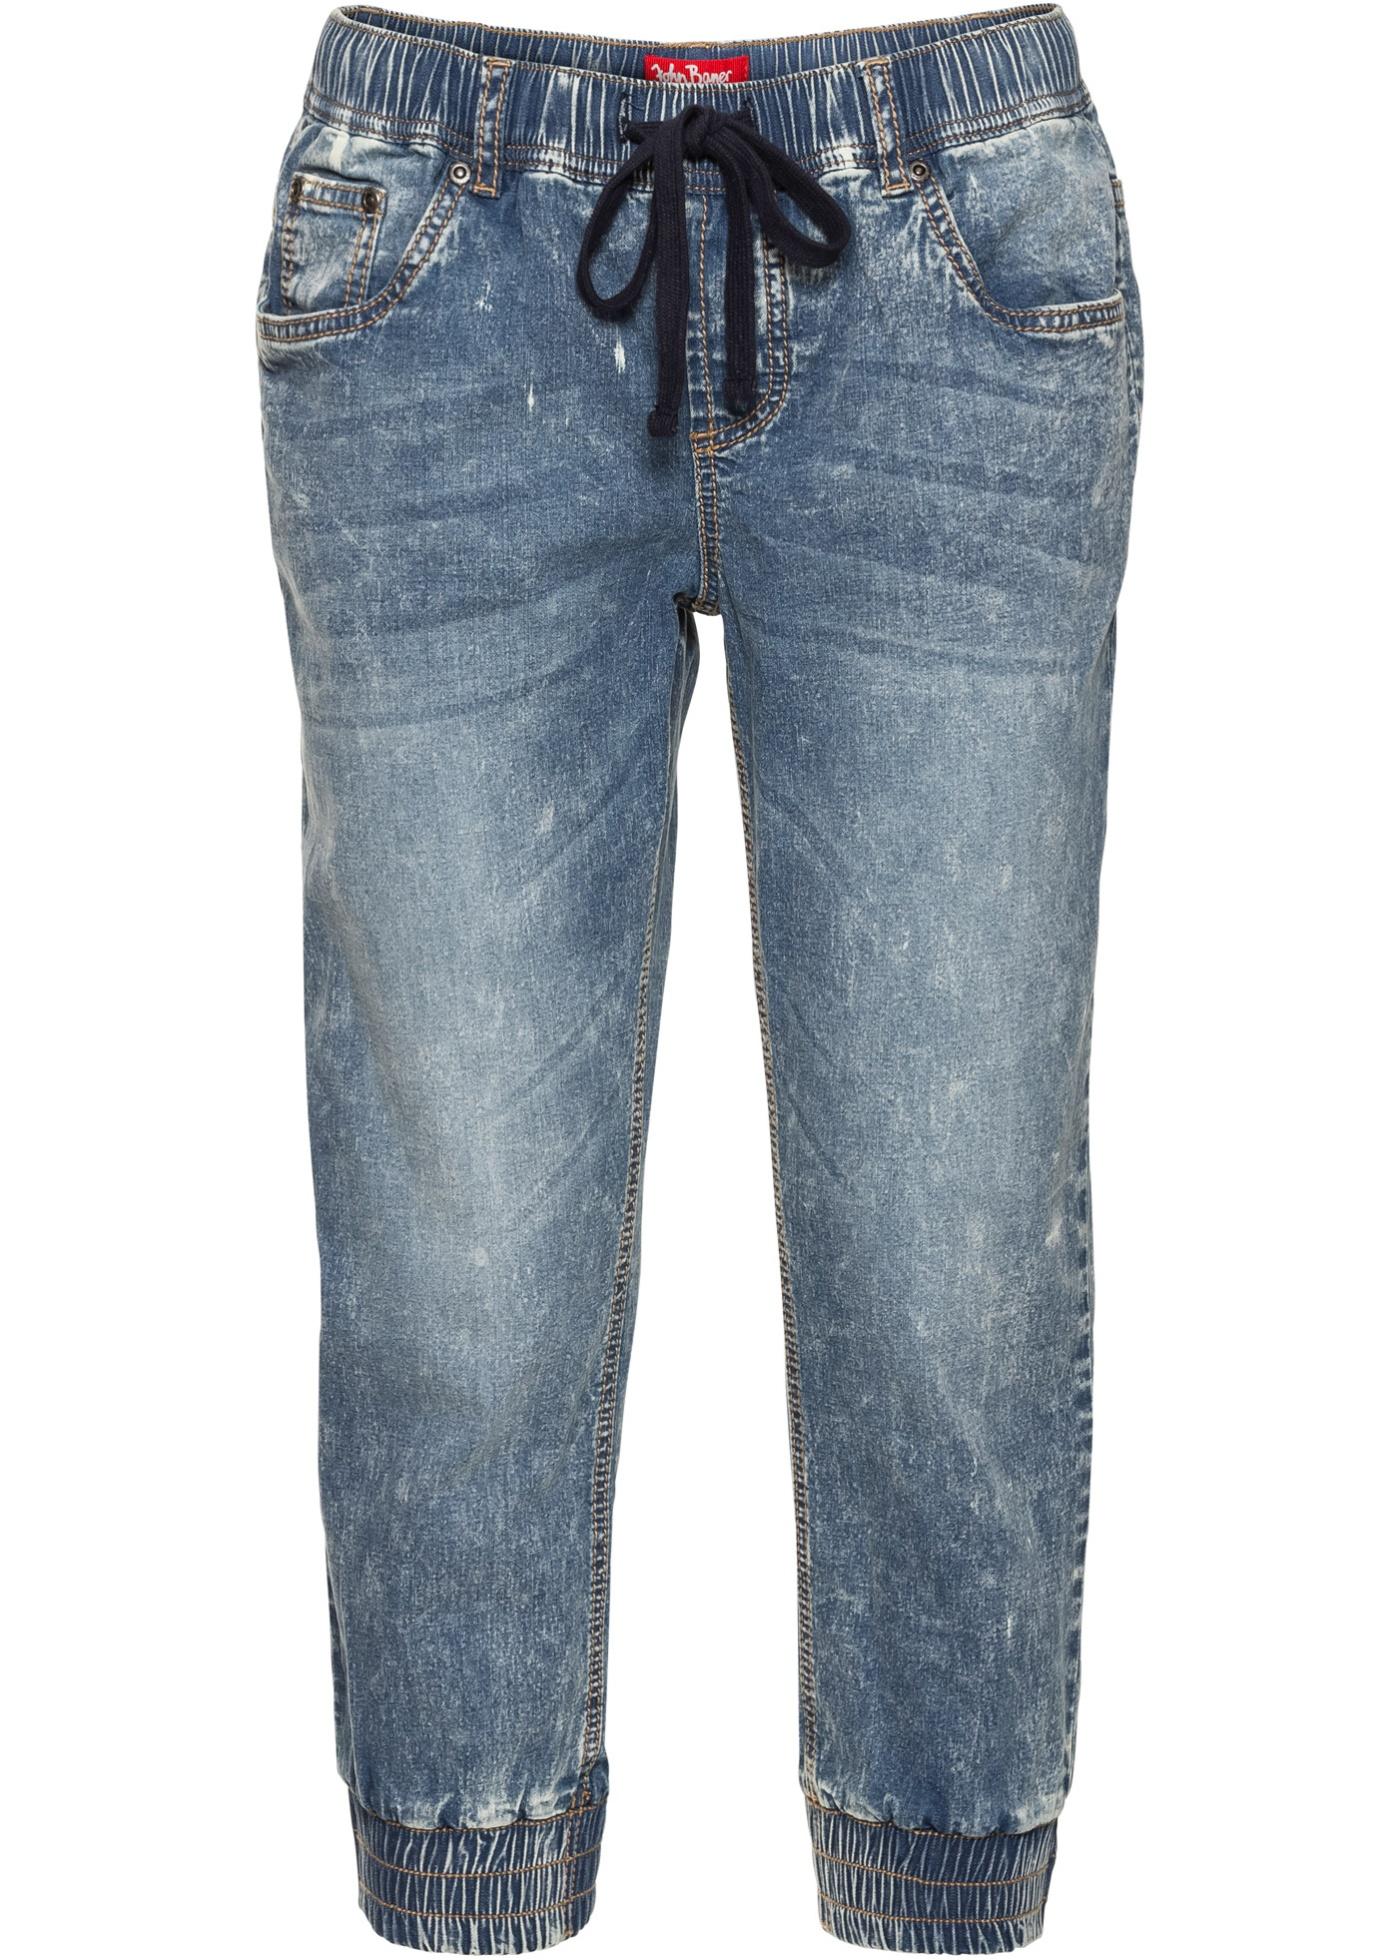 Pour 4 Coulissé Femme BonprixJean John Bleu Élastique Jeanswear 3 Extensible Longueur Avec Baner 6fbgy7